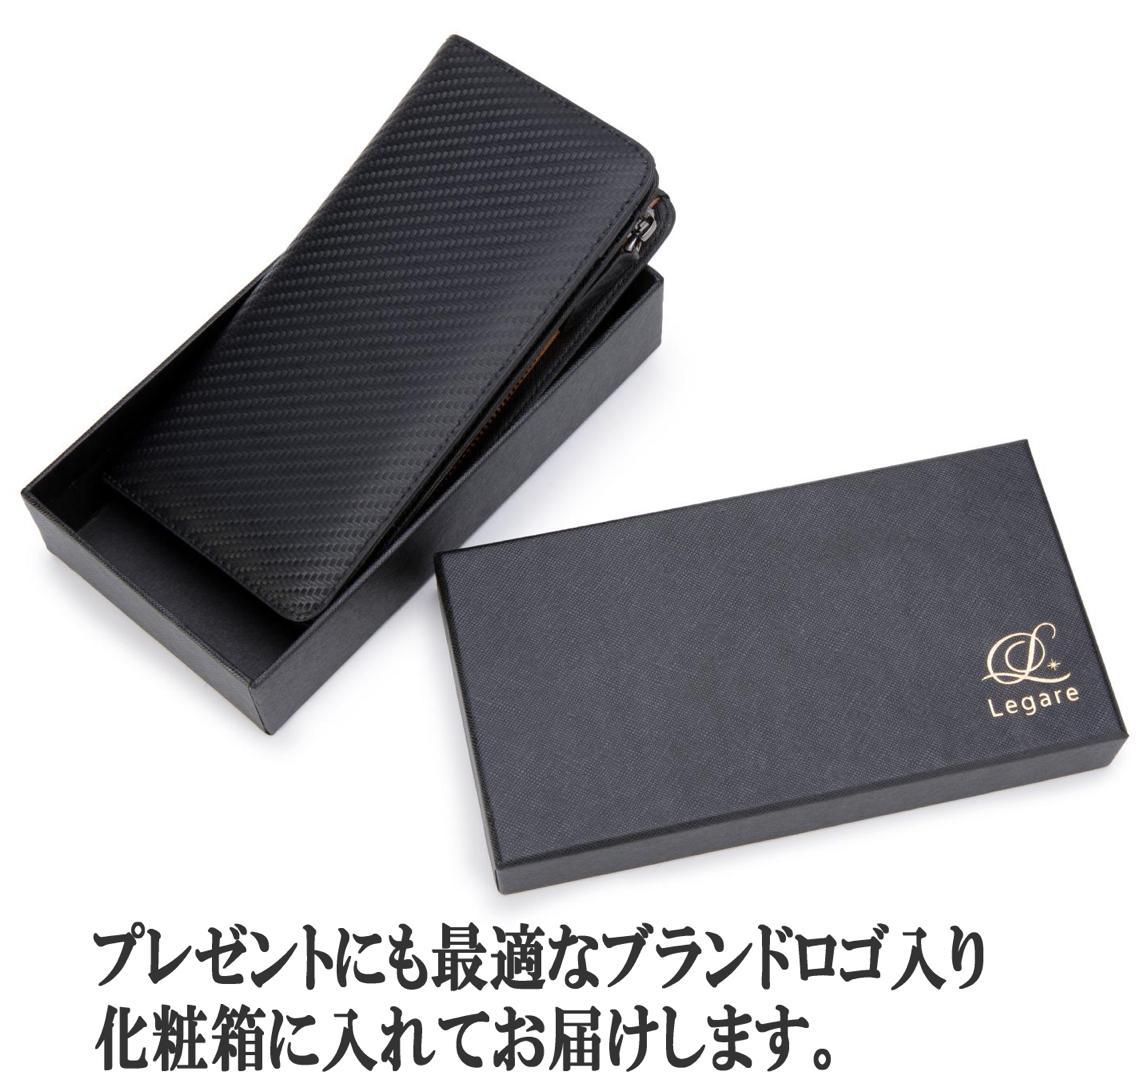 プレゼントにも最適なLegare財布